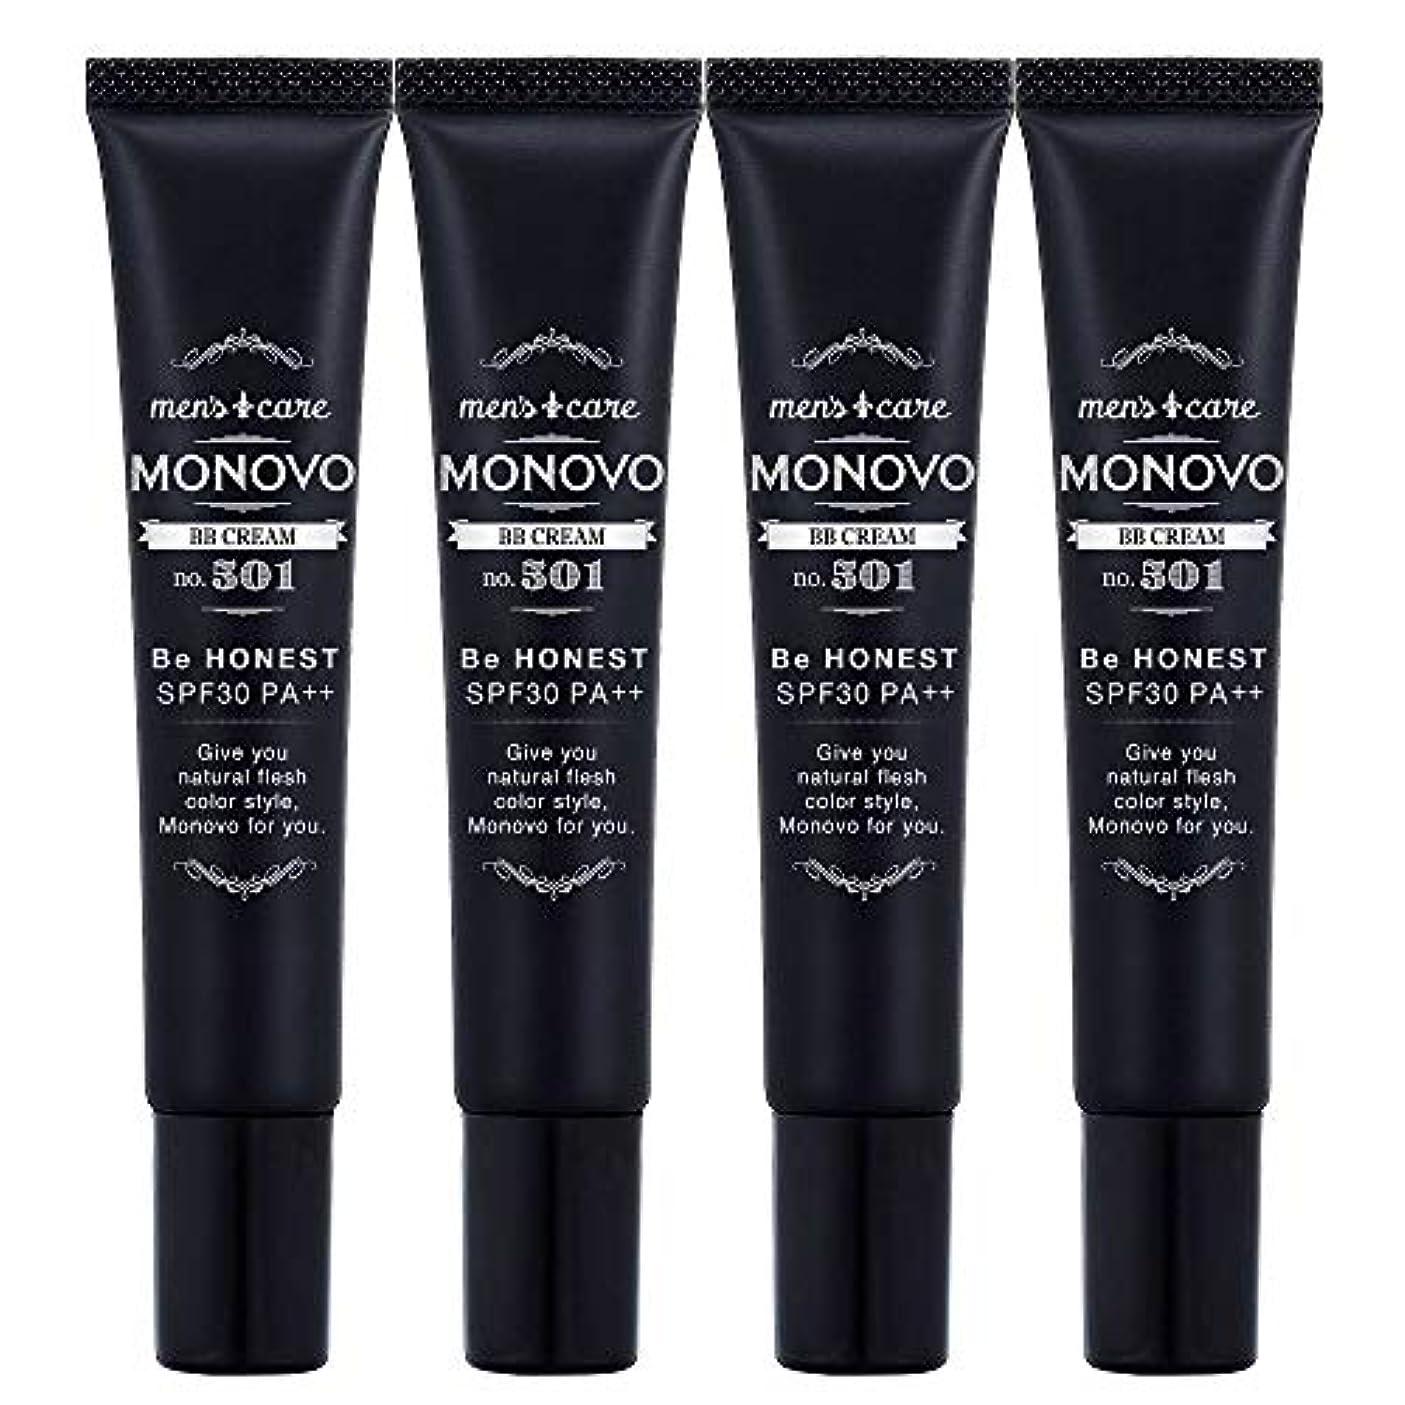 影響を受けやすいです右句MONOVO BBクリーム メンズ コンシーラー ファンデーション効果で青髭/テカリ/肌荒れ隠し[ SPF30/PA++] 4本 80g